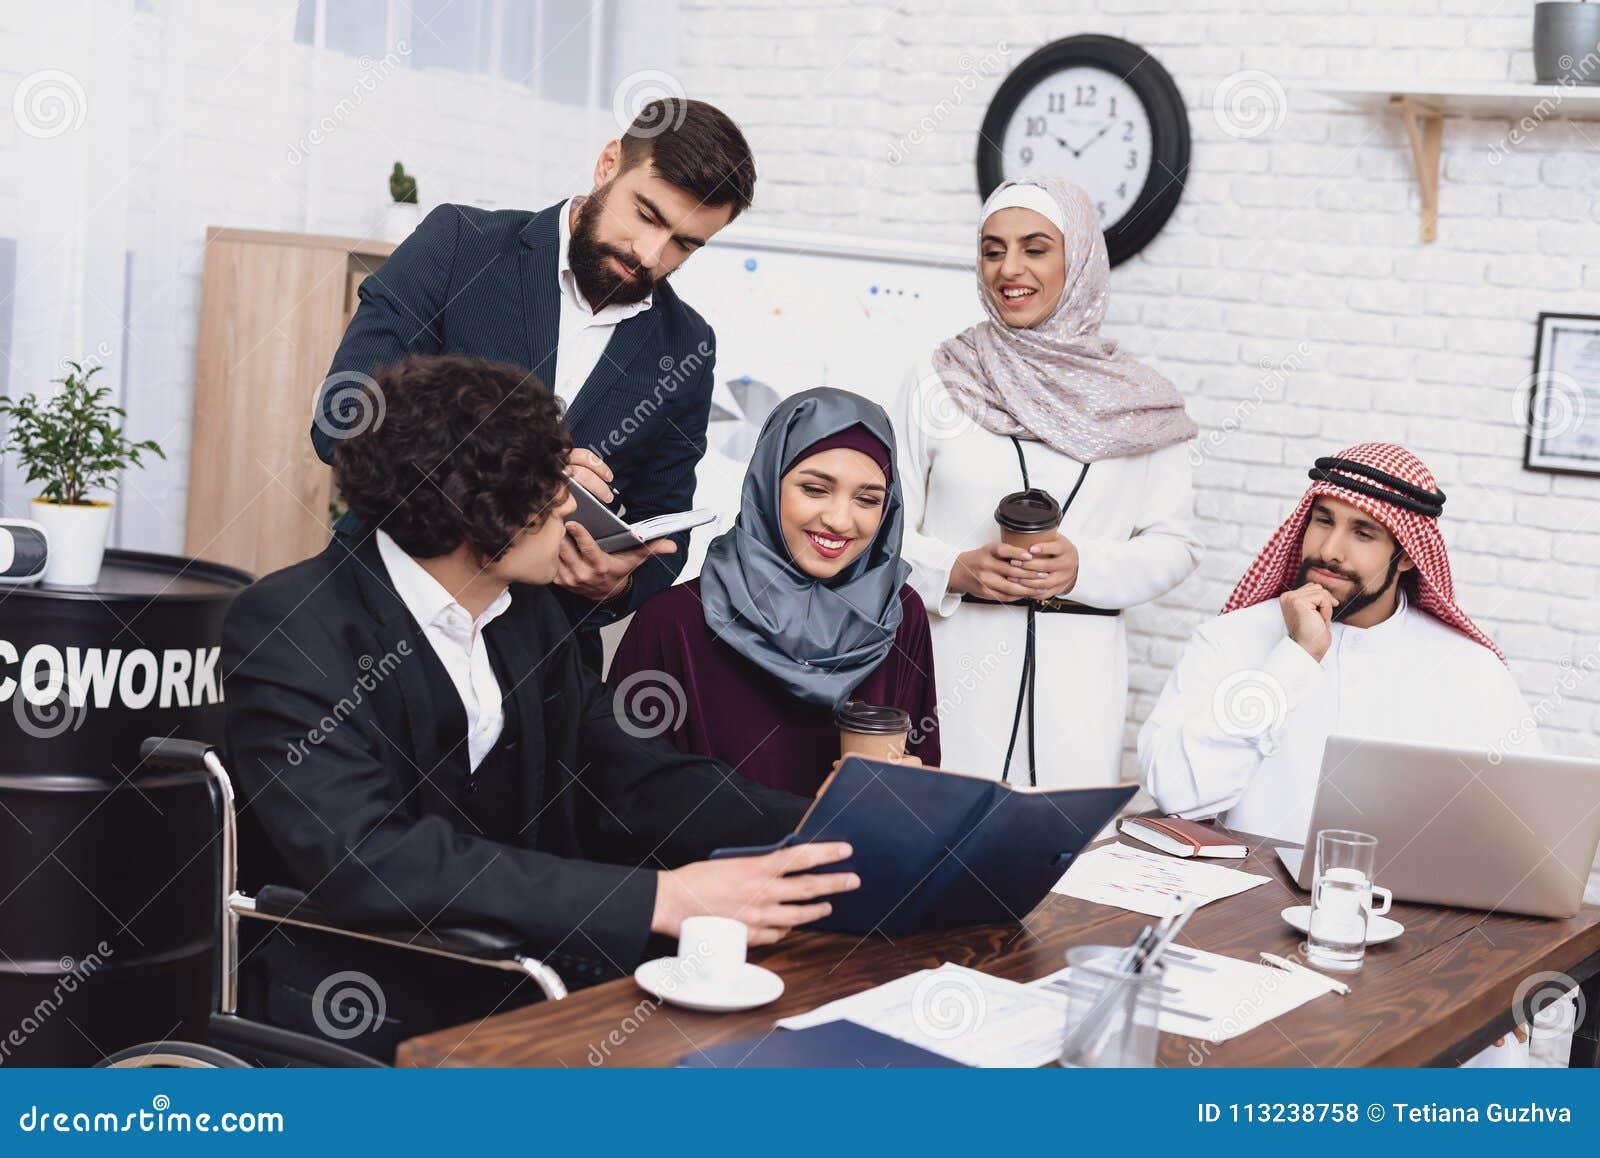 运转在办公室的轮椅的残疾阿拉伯人 人与工友分享笔记